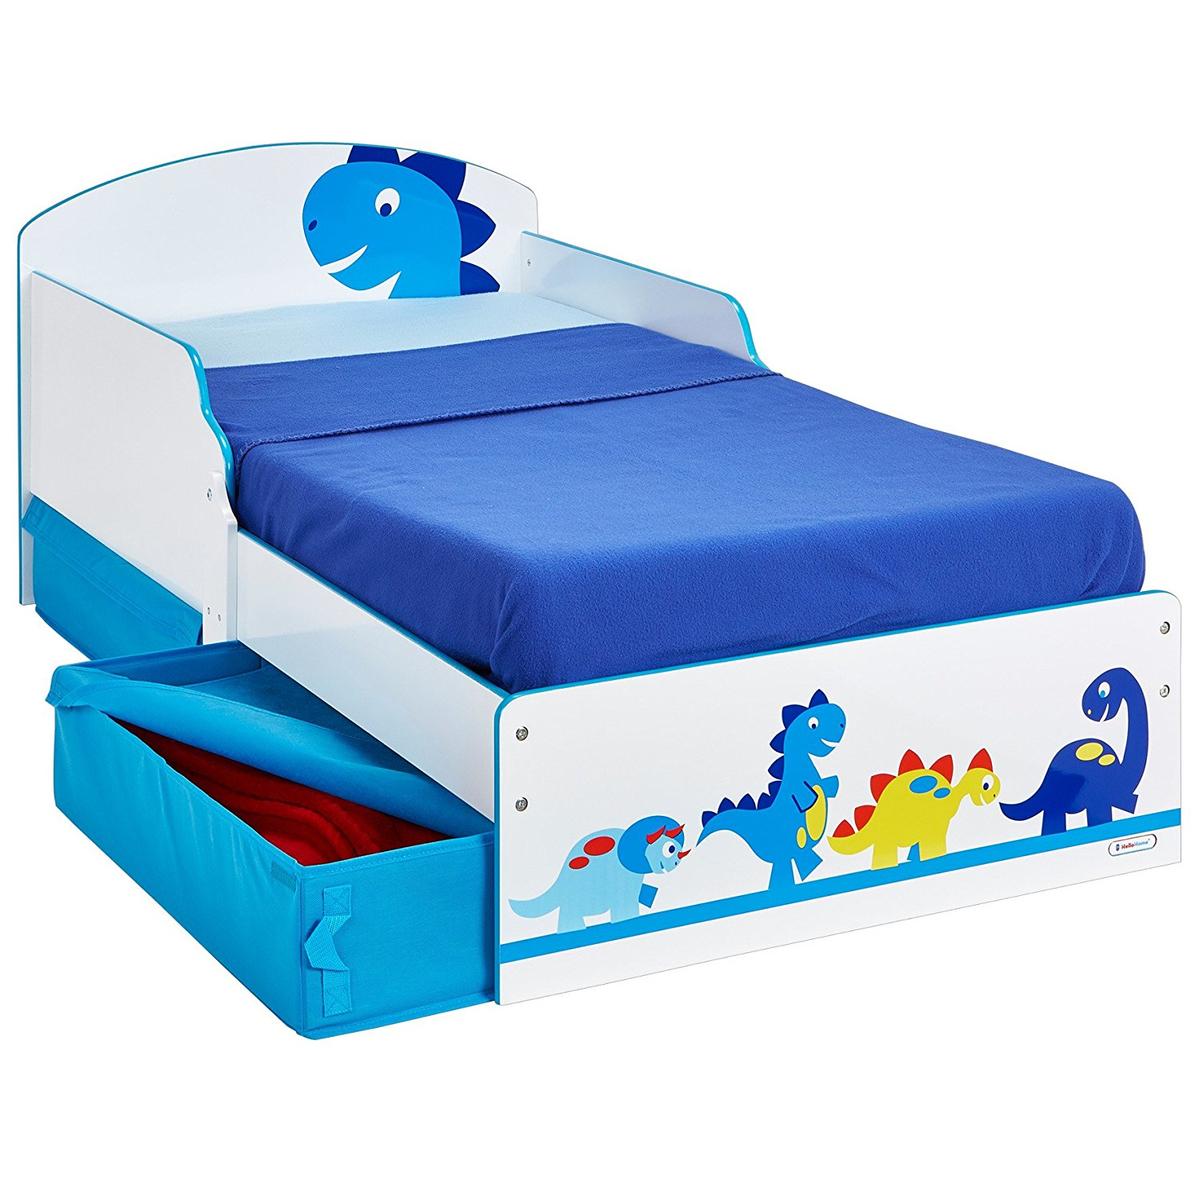 Full Size of Kinderbett Dinosaurier Wei Blau Mit Stauraum 142x77cm Arbd Bett Betten 160x200 140x200 200x200 Wohnzimmer Kinderbett Stauraum